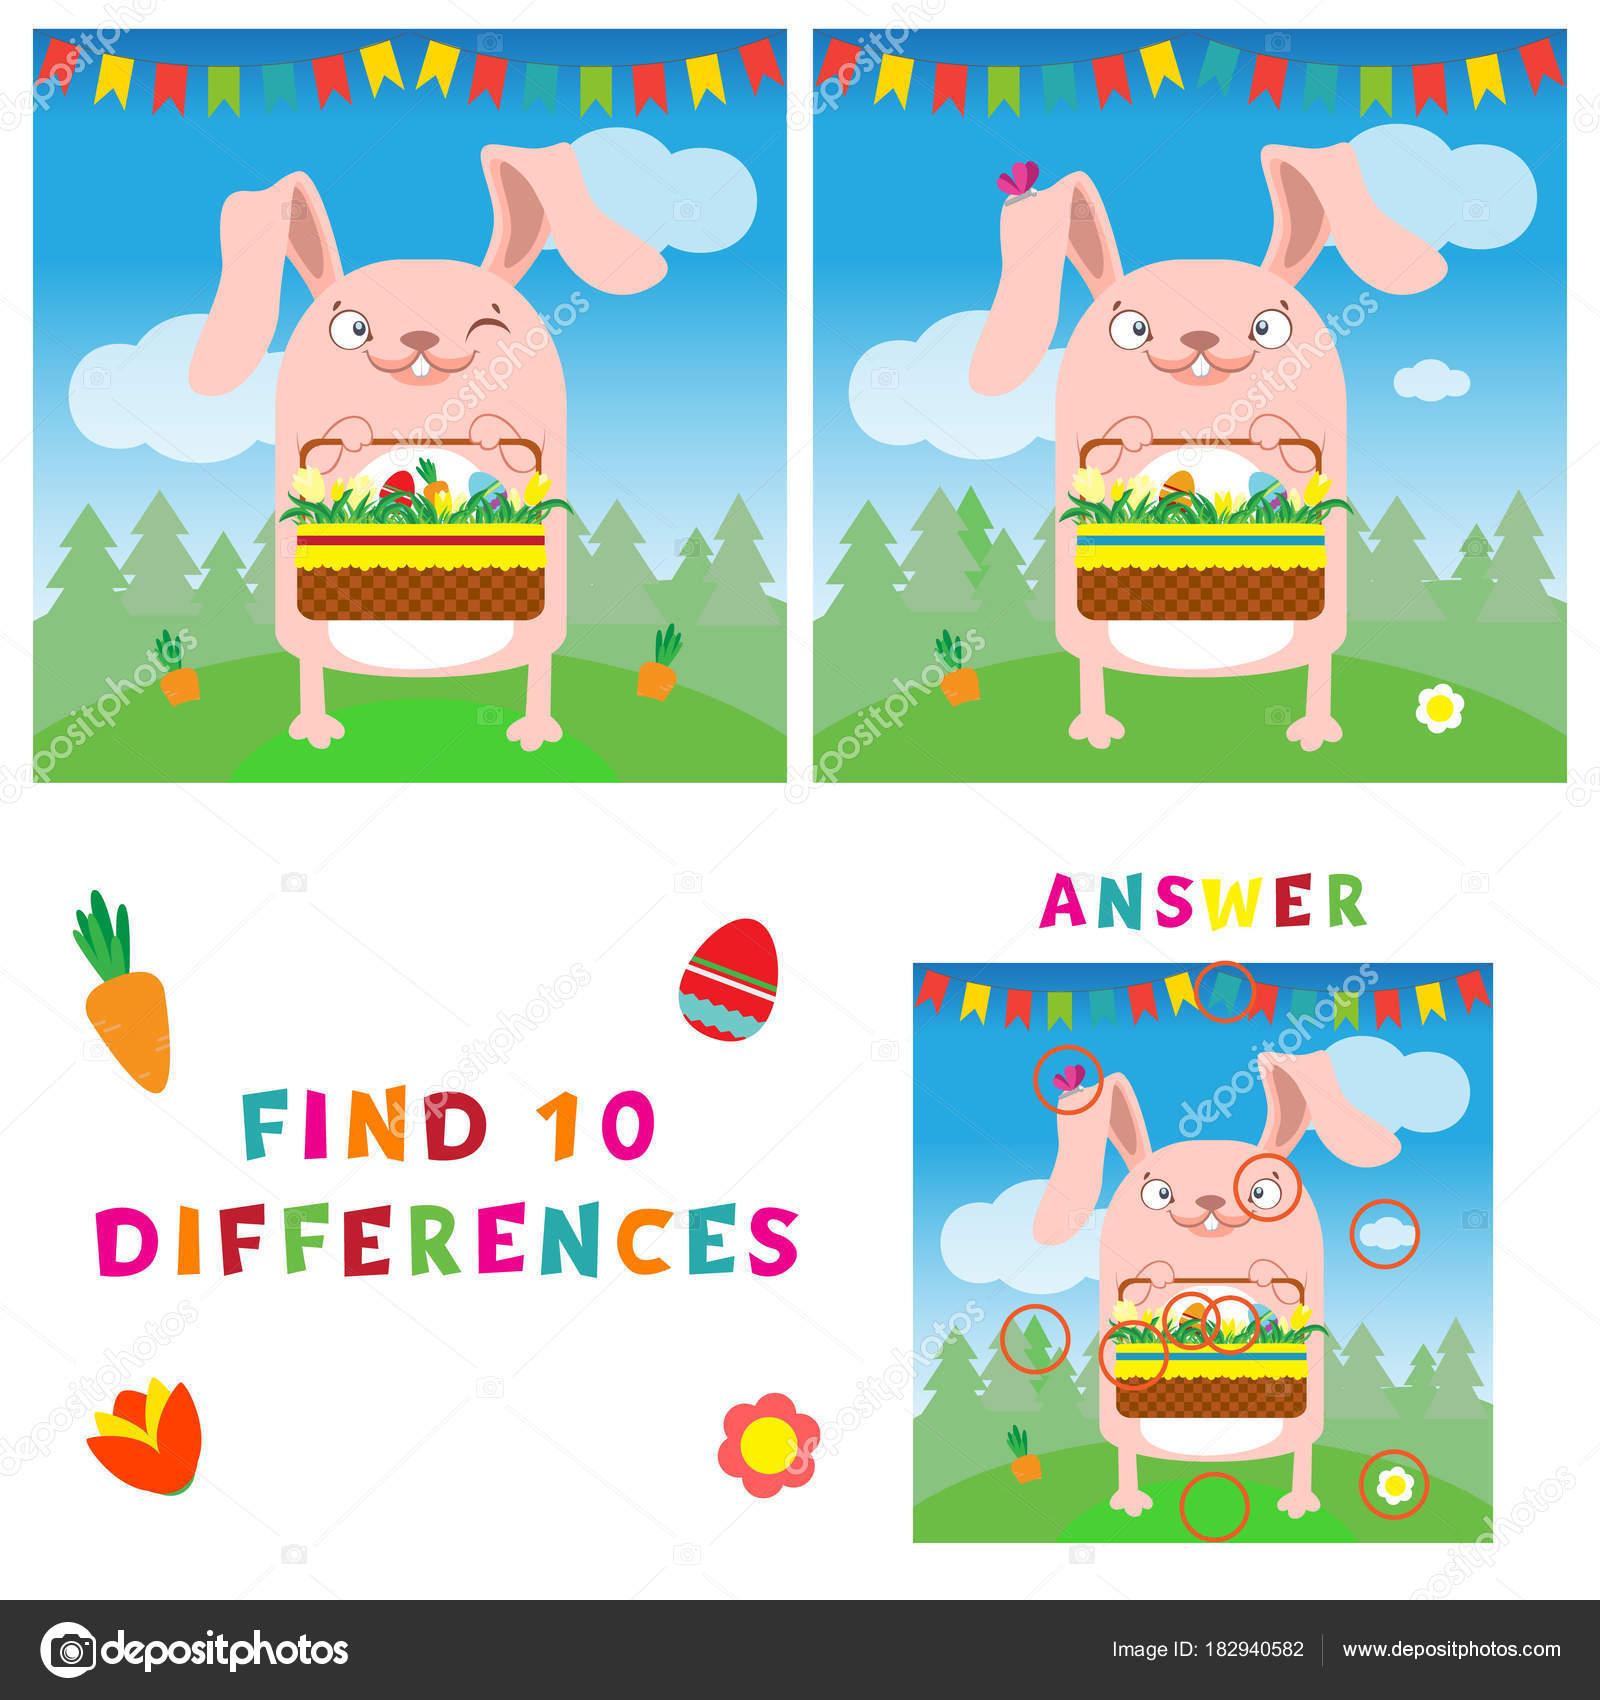 Finden Sie die zehn Unterschiede Illustration der Osterhase mit ...